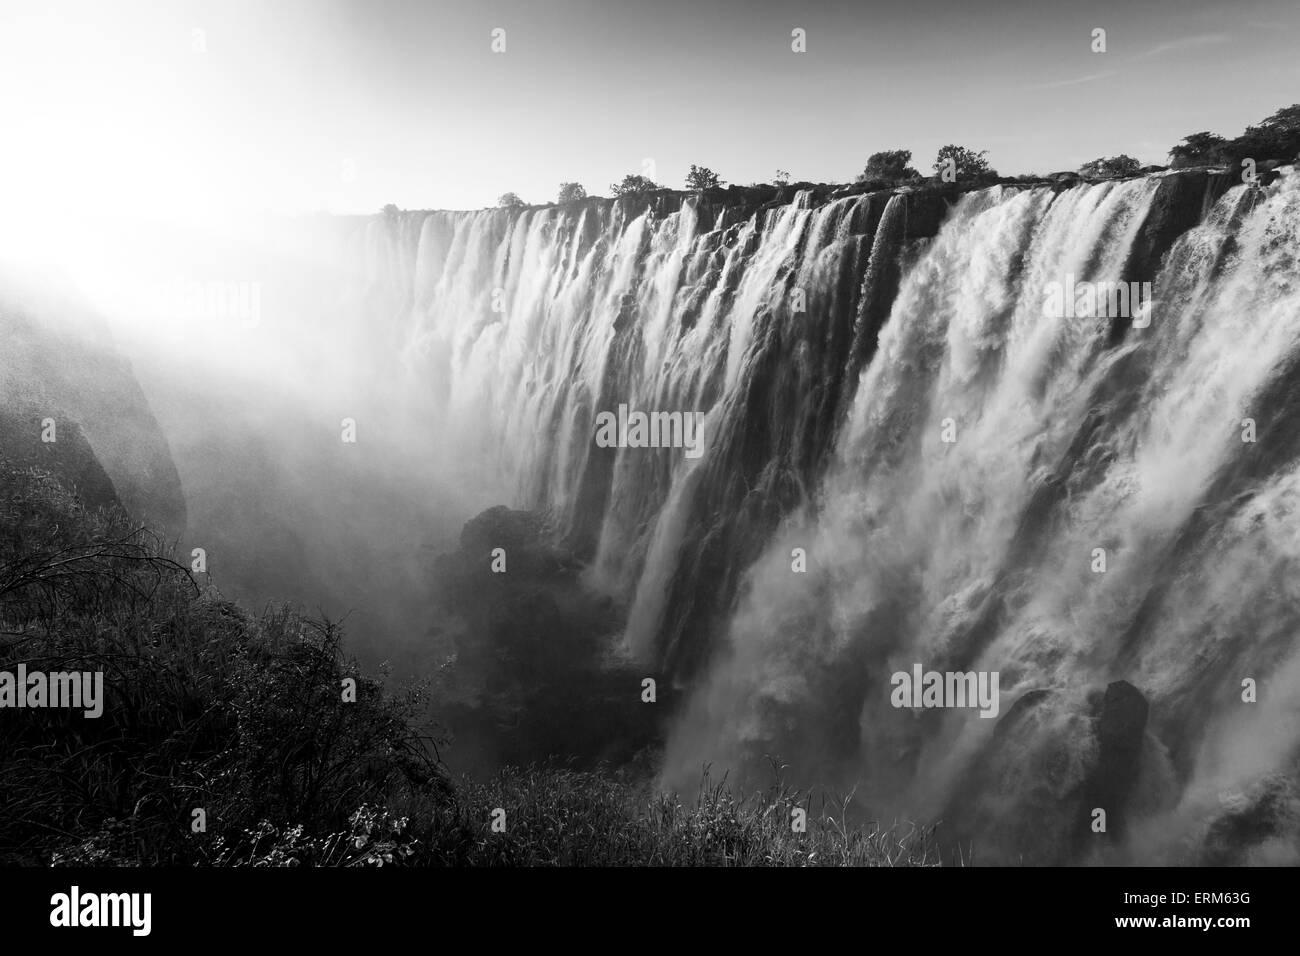 L'Afrique, Zambie, Mosi-Oa-Tunya National Park, l'établissement de l'Est soleil cataracte de Victoria Falls Banque D'Images